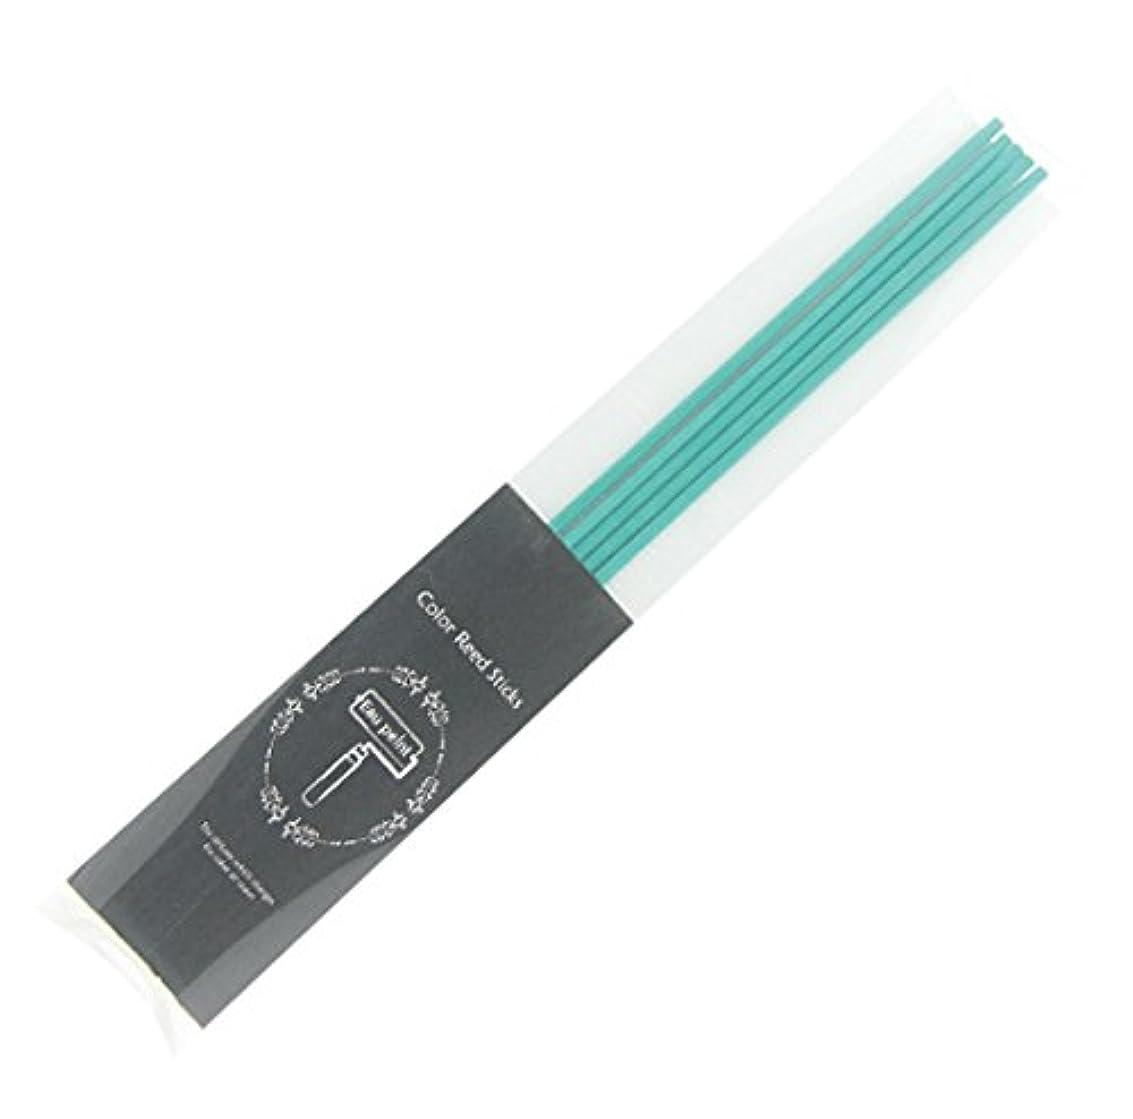 コンバーチブル光扱いやすいEau peint mais+ カラースティック リードディフューザー用スティック 5本入 ターコイズ Turquoise オーペイント マイス